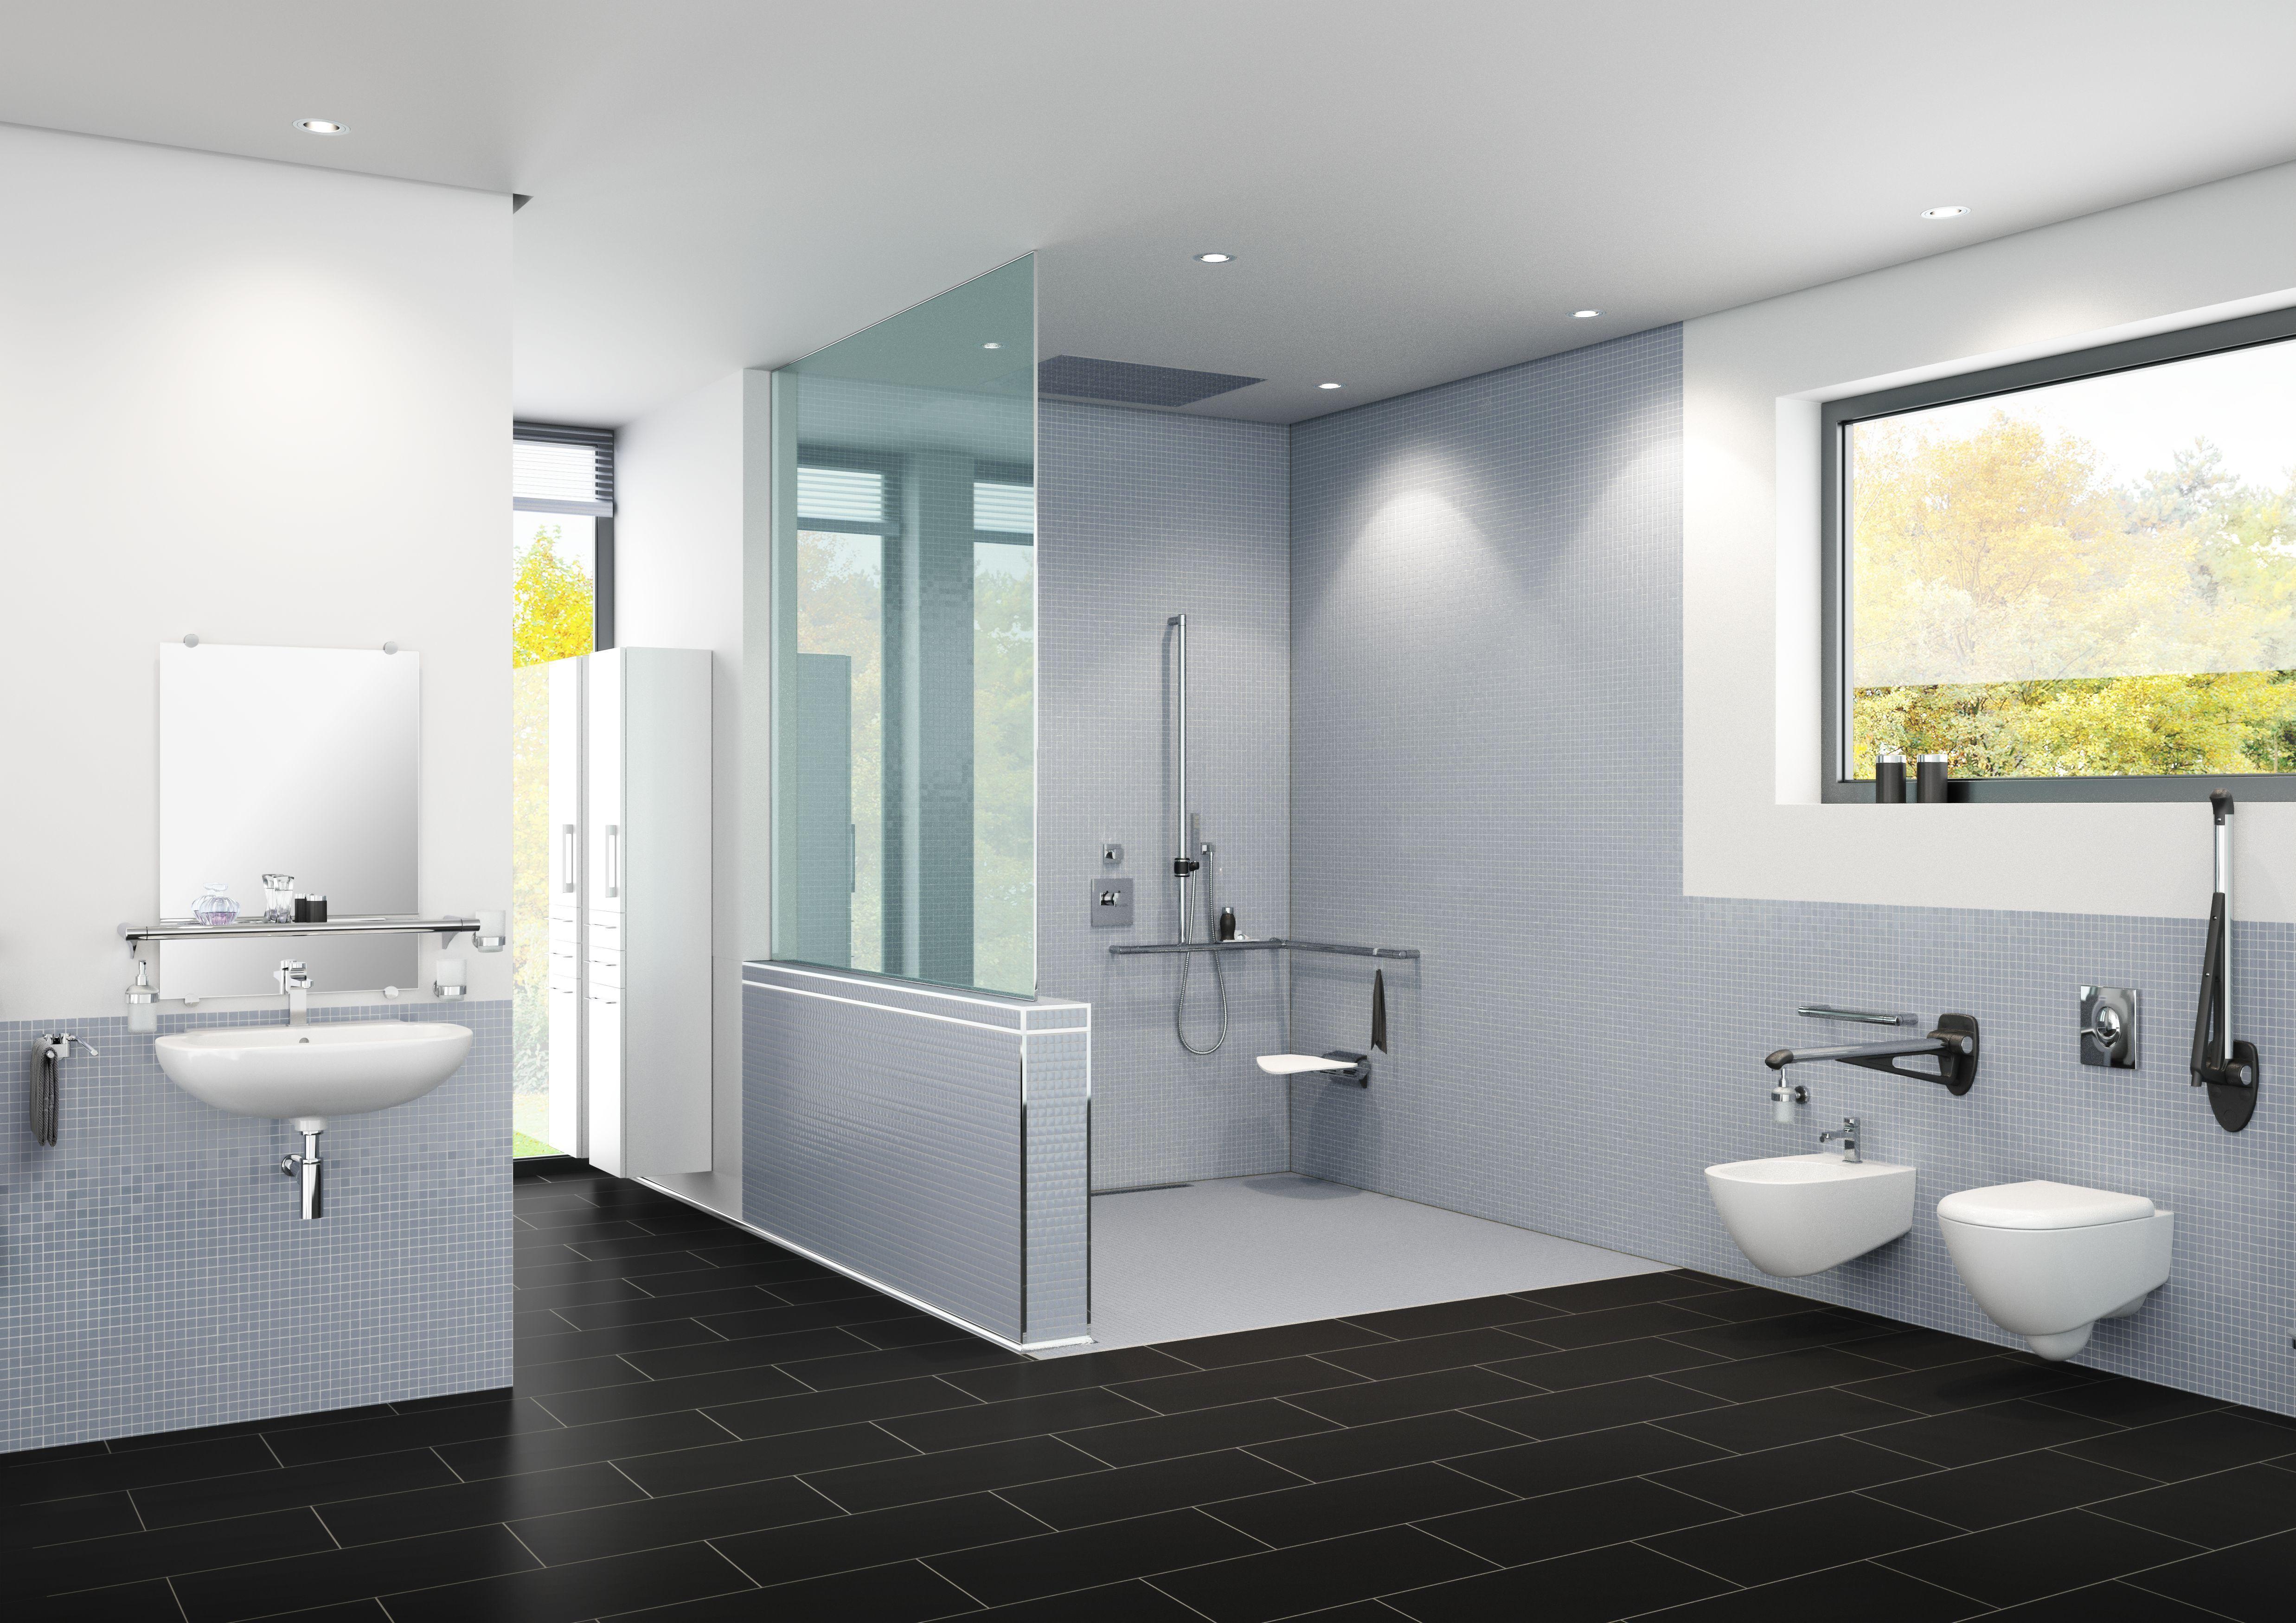 5 Badezimmer Neubau Kosten Bad Renovieren Ideen Luxus Haus ...